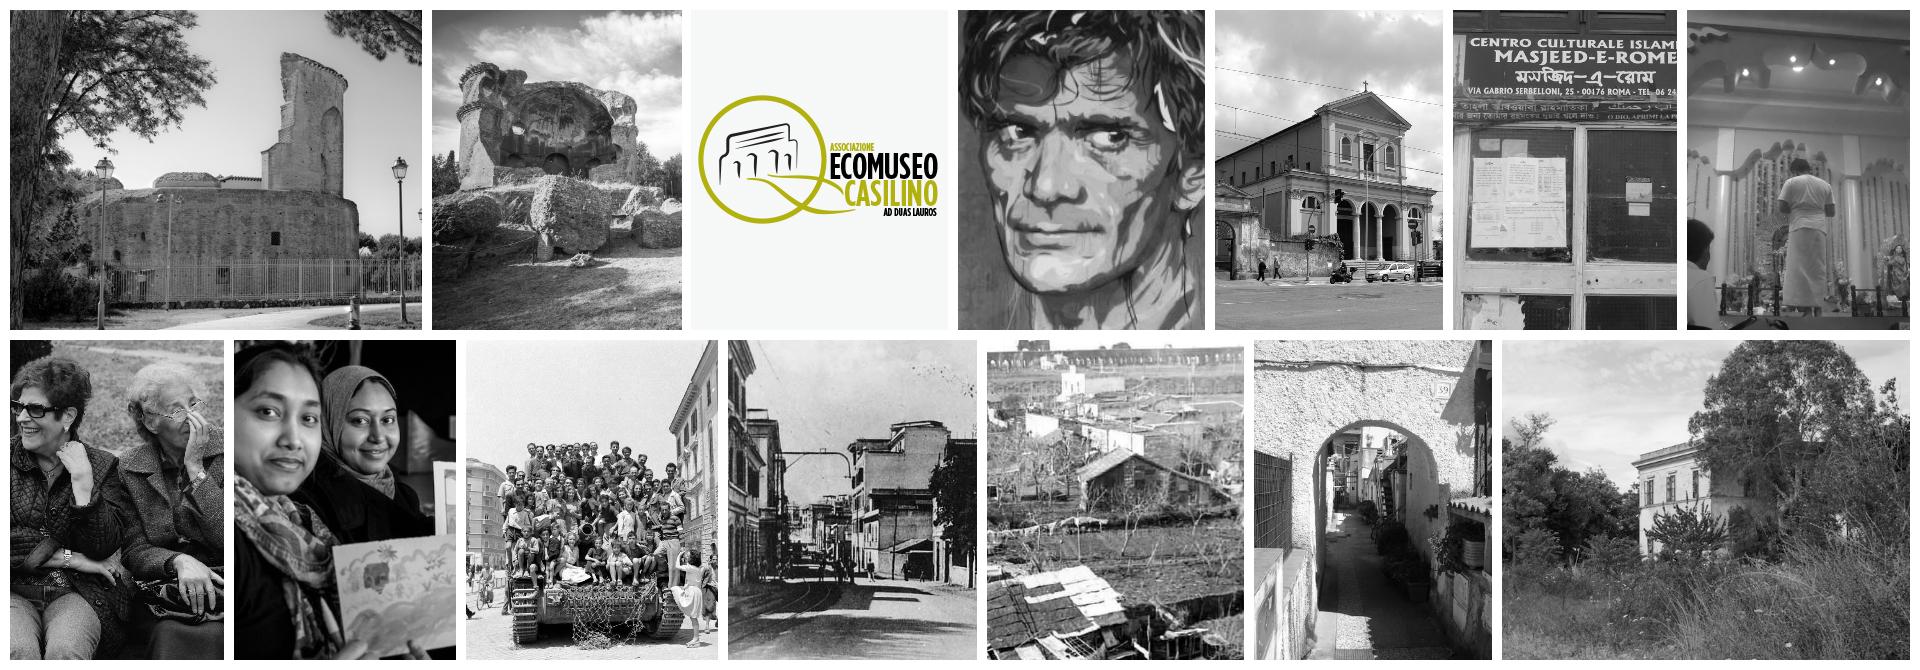 """Ecomuseo Casilino """"Ad duas lauros"""", valorizzare le risorse per riconnettere il tessuto sociale"""